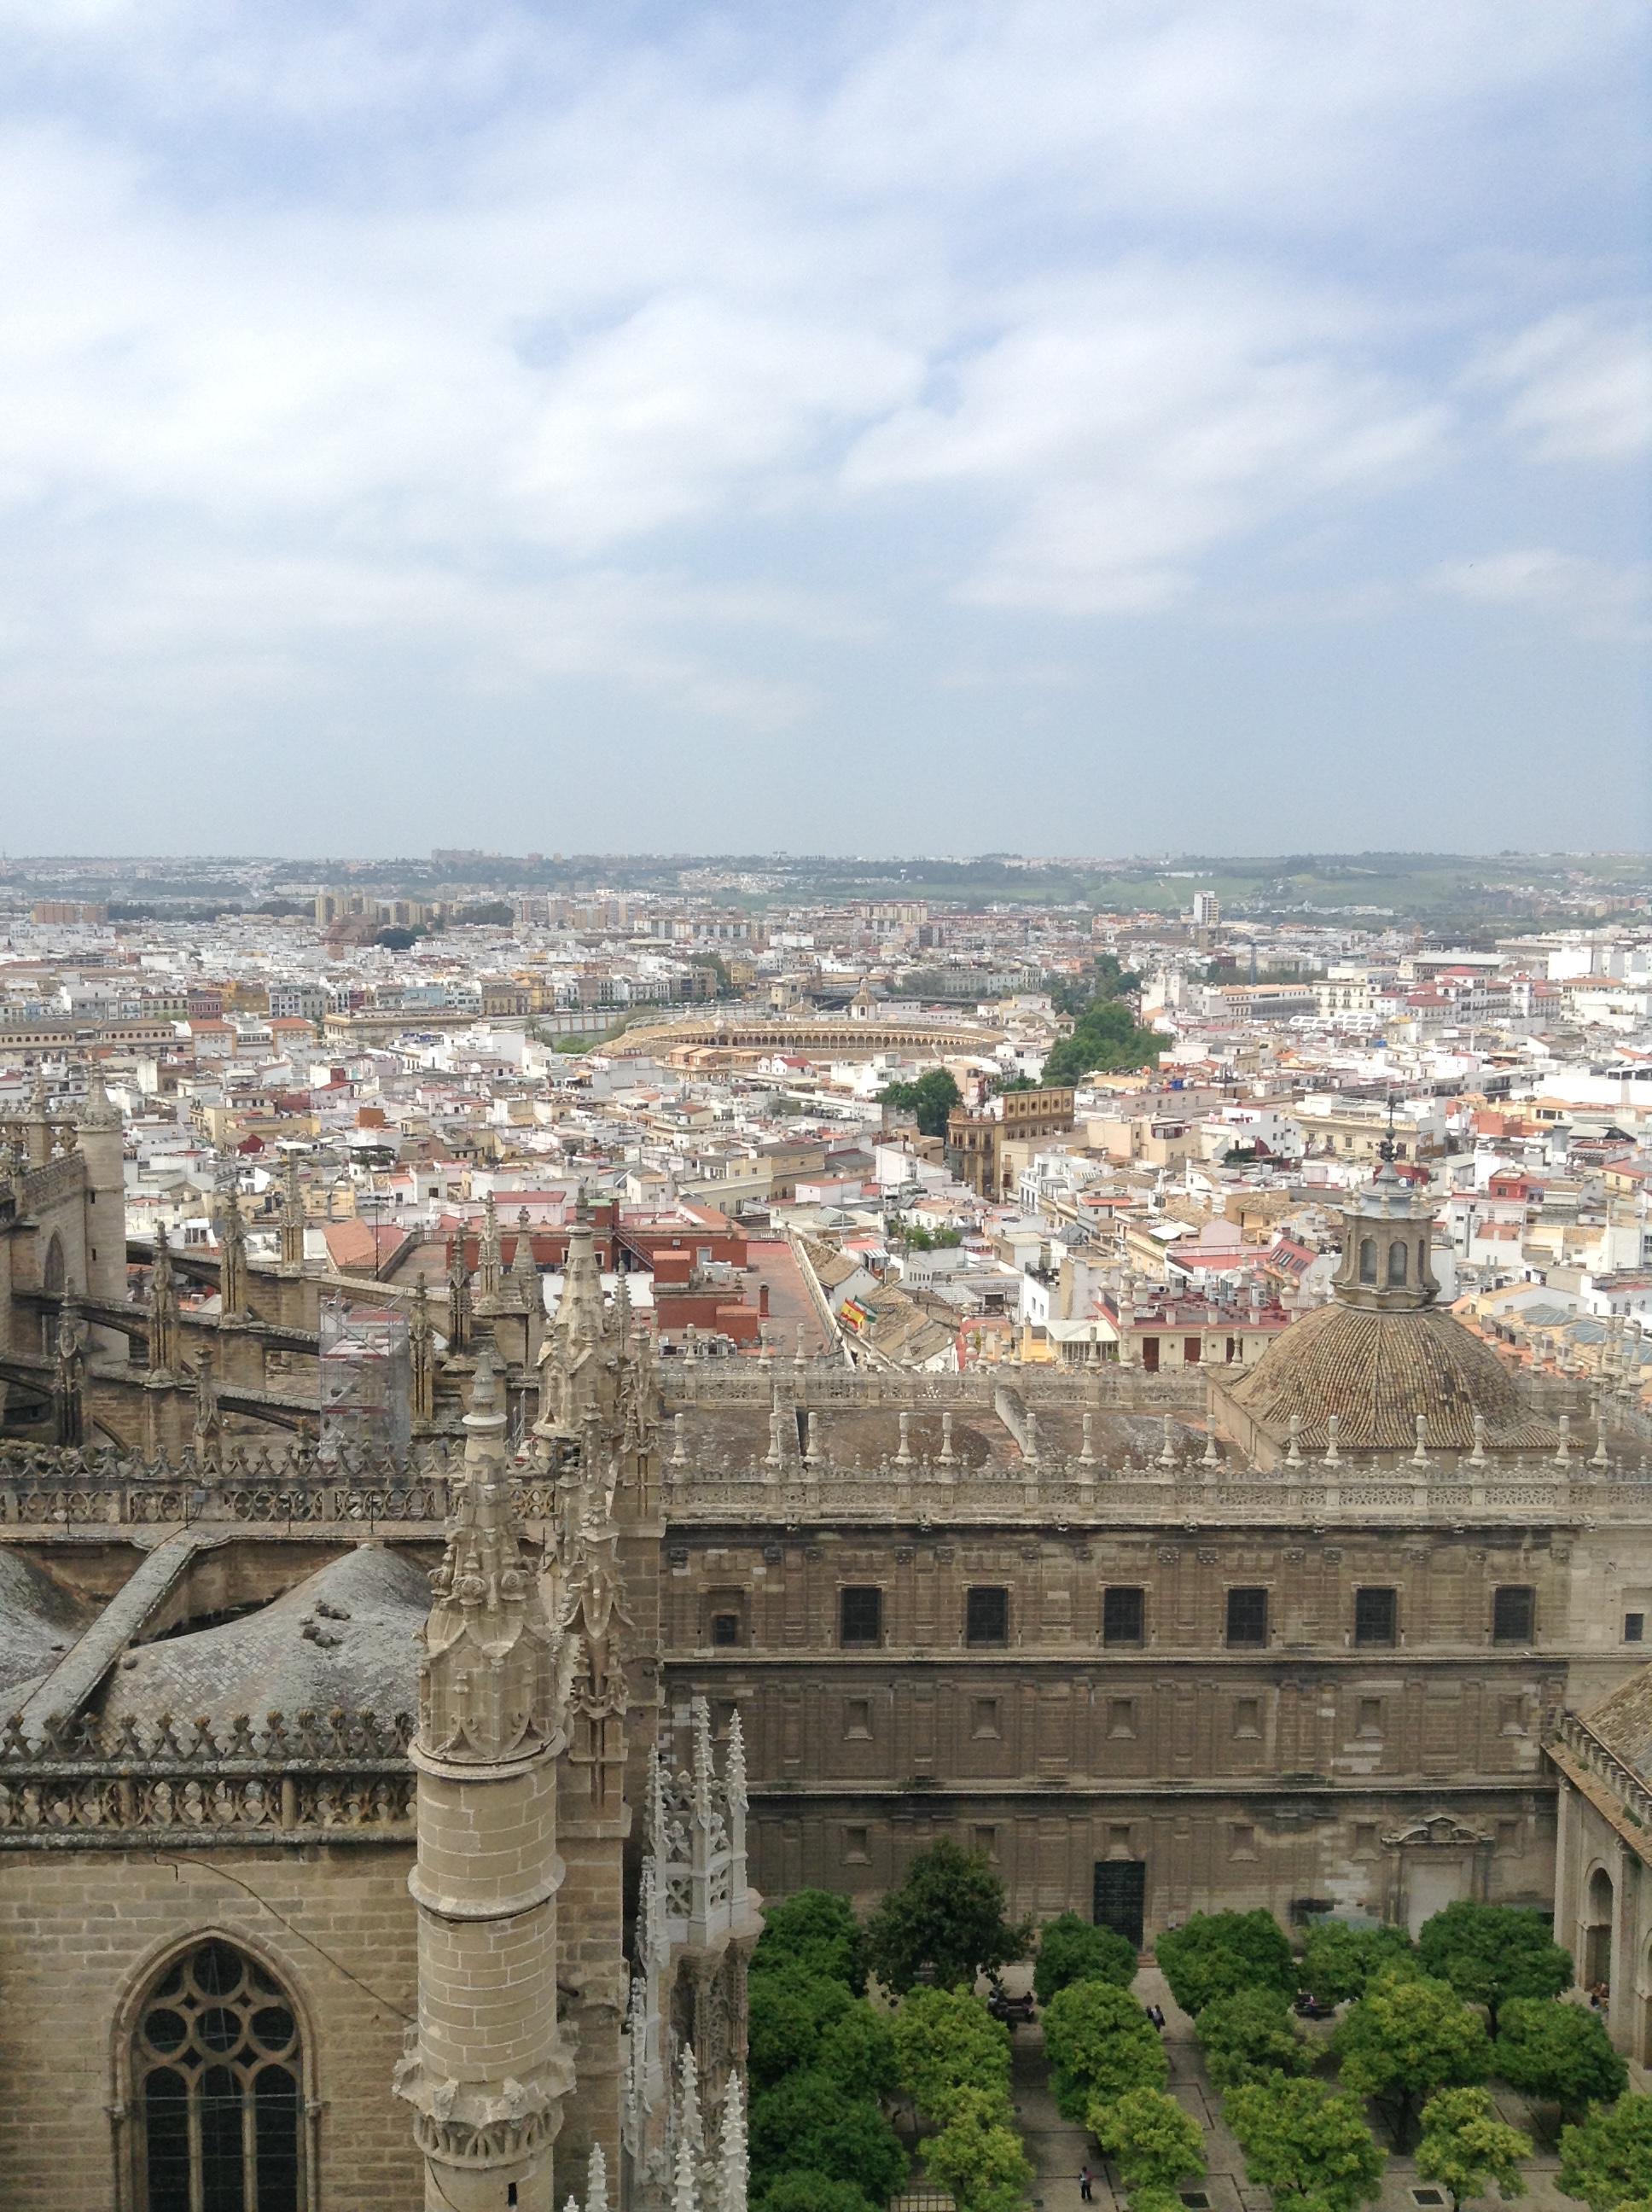 vista-centro-storico-siviglia-giralda